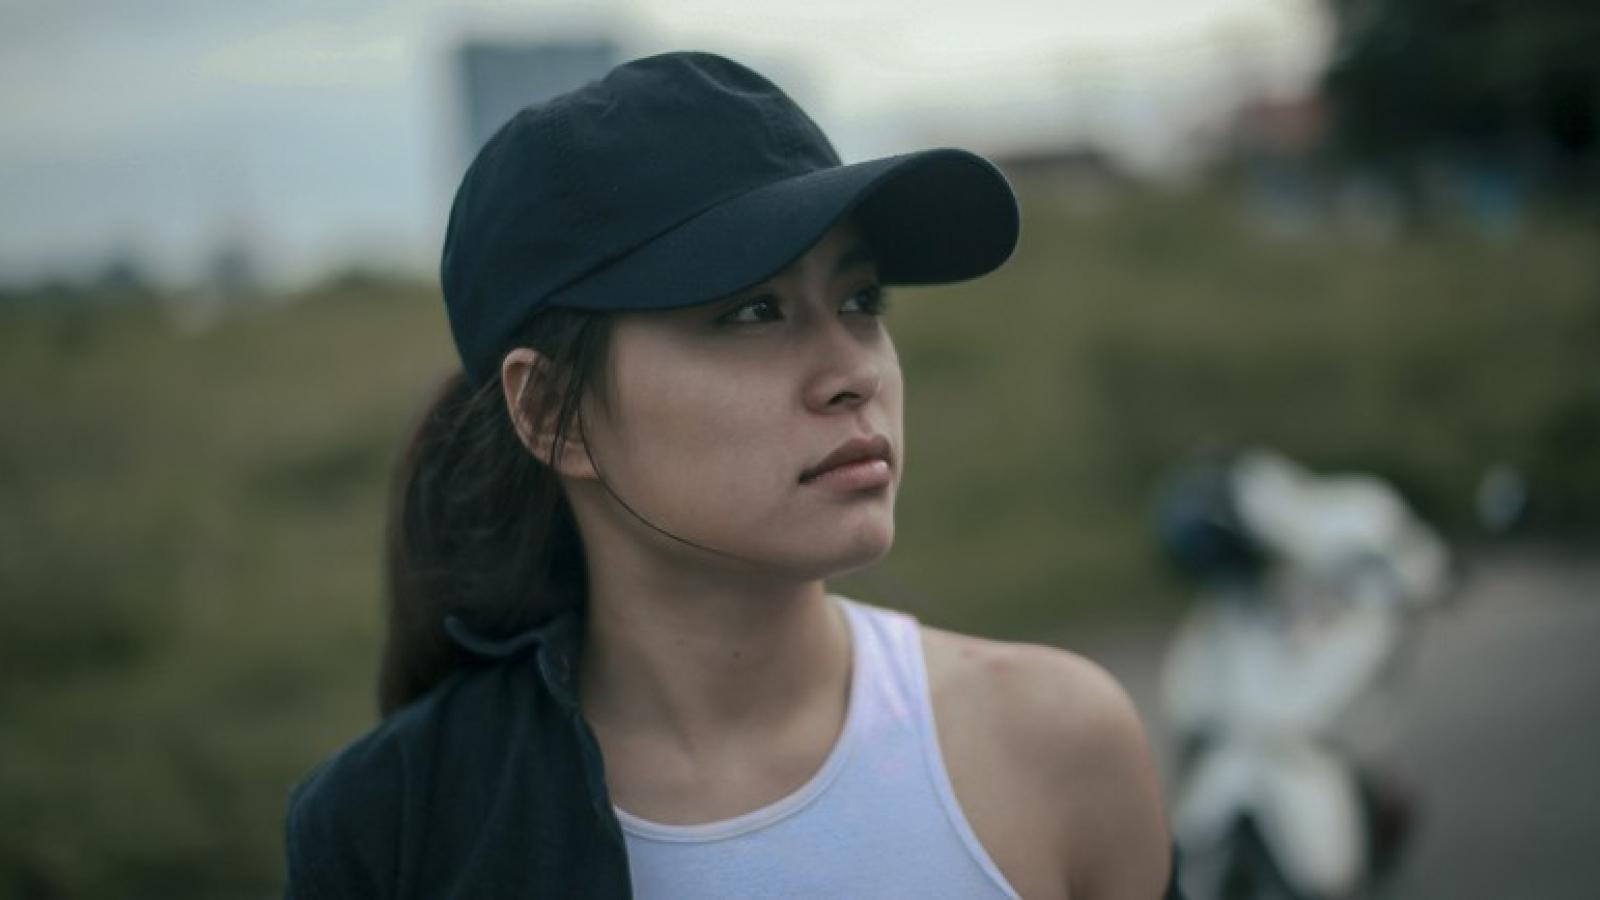 Hoàng Thùy Linh tái xuất màn ảnh rộng sau 7 năm vắng bóng